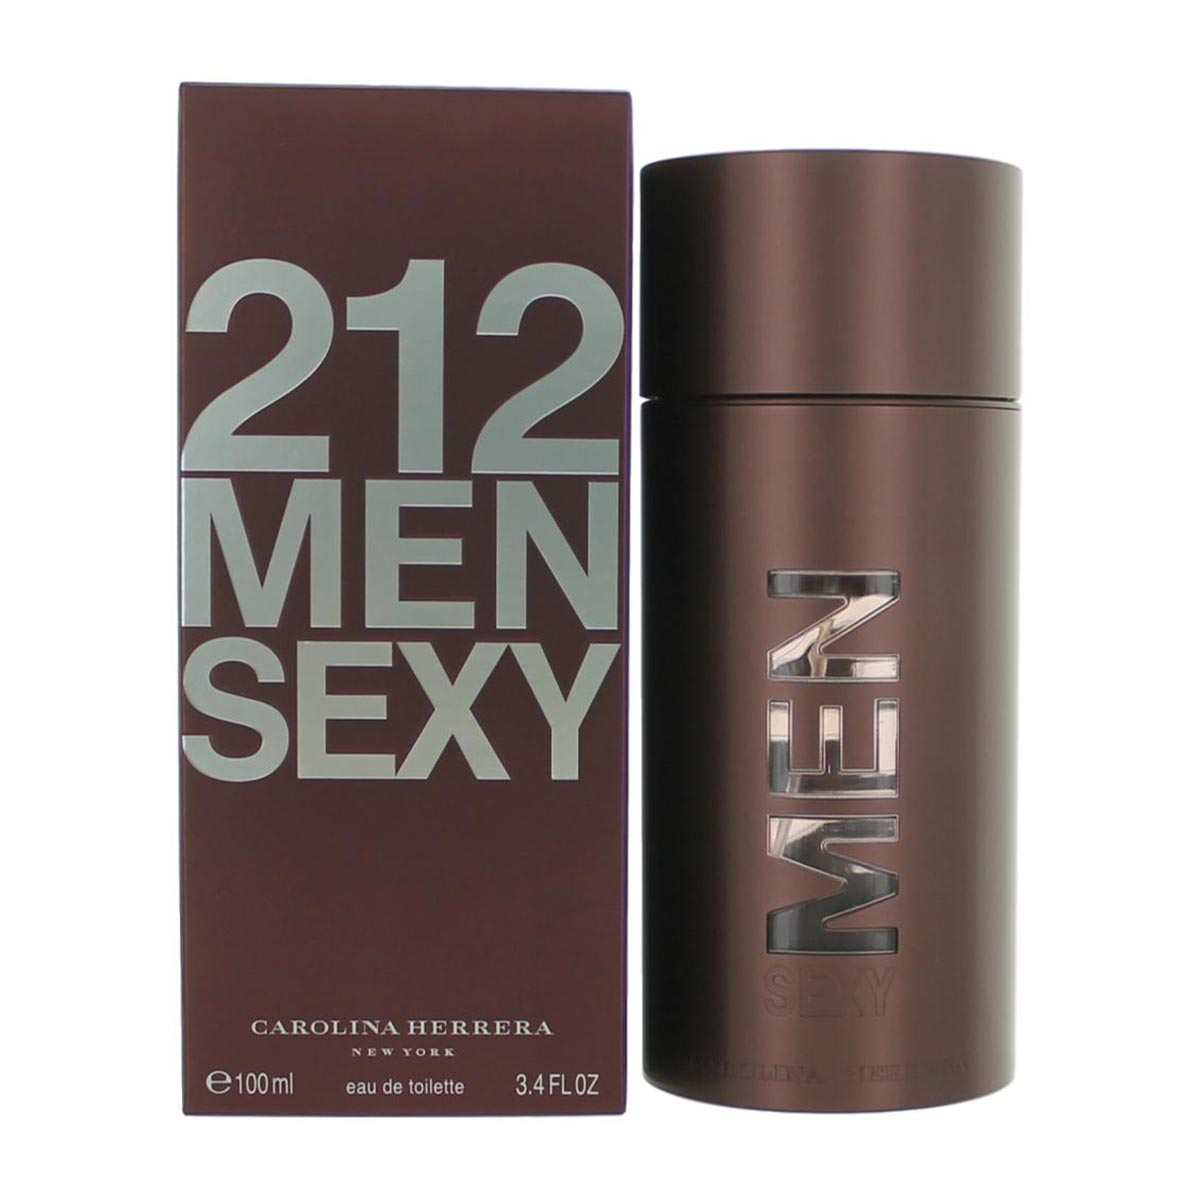 212 sexy men eau de toilette 100ml vaporizador